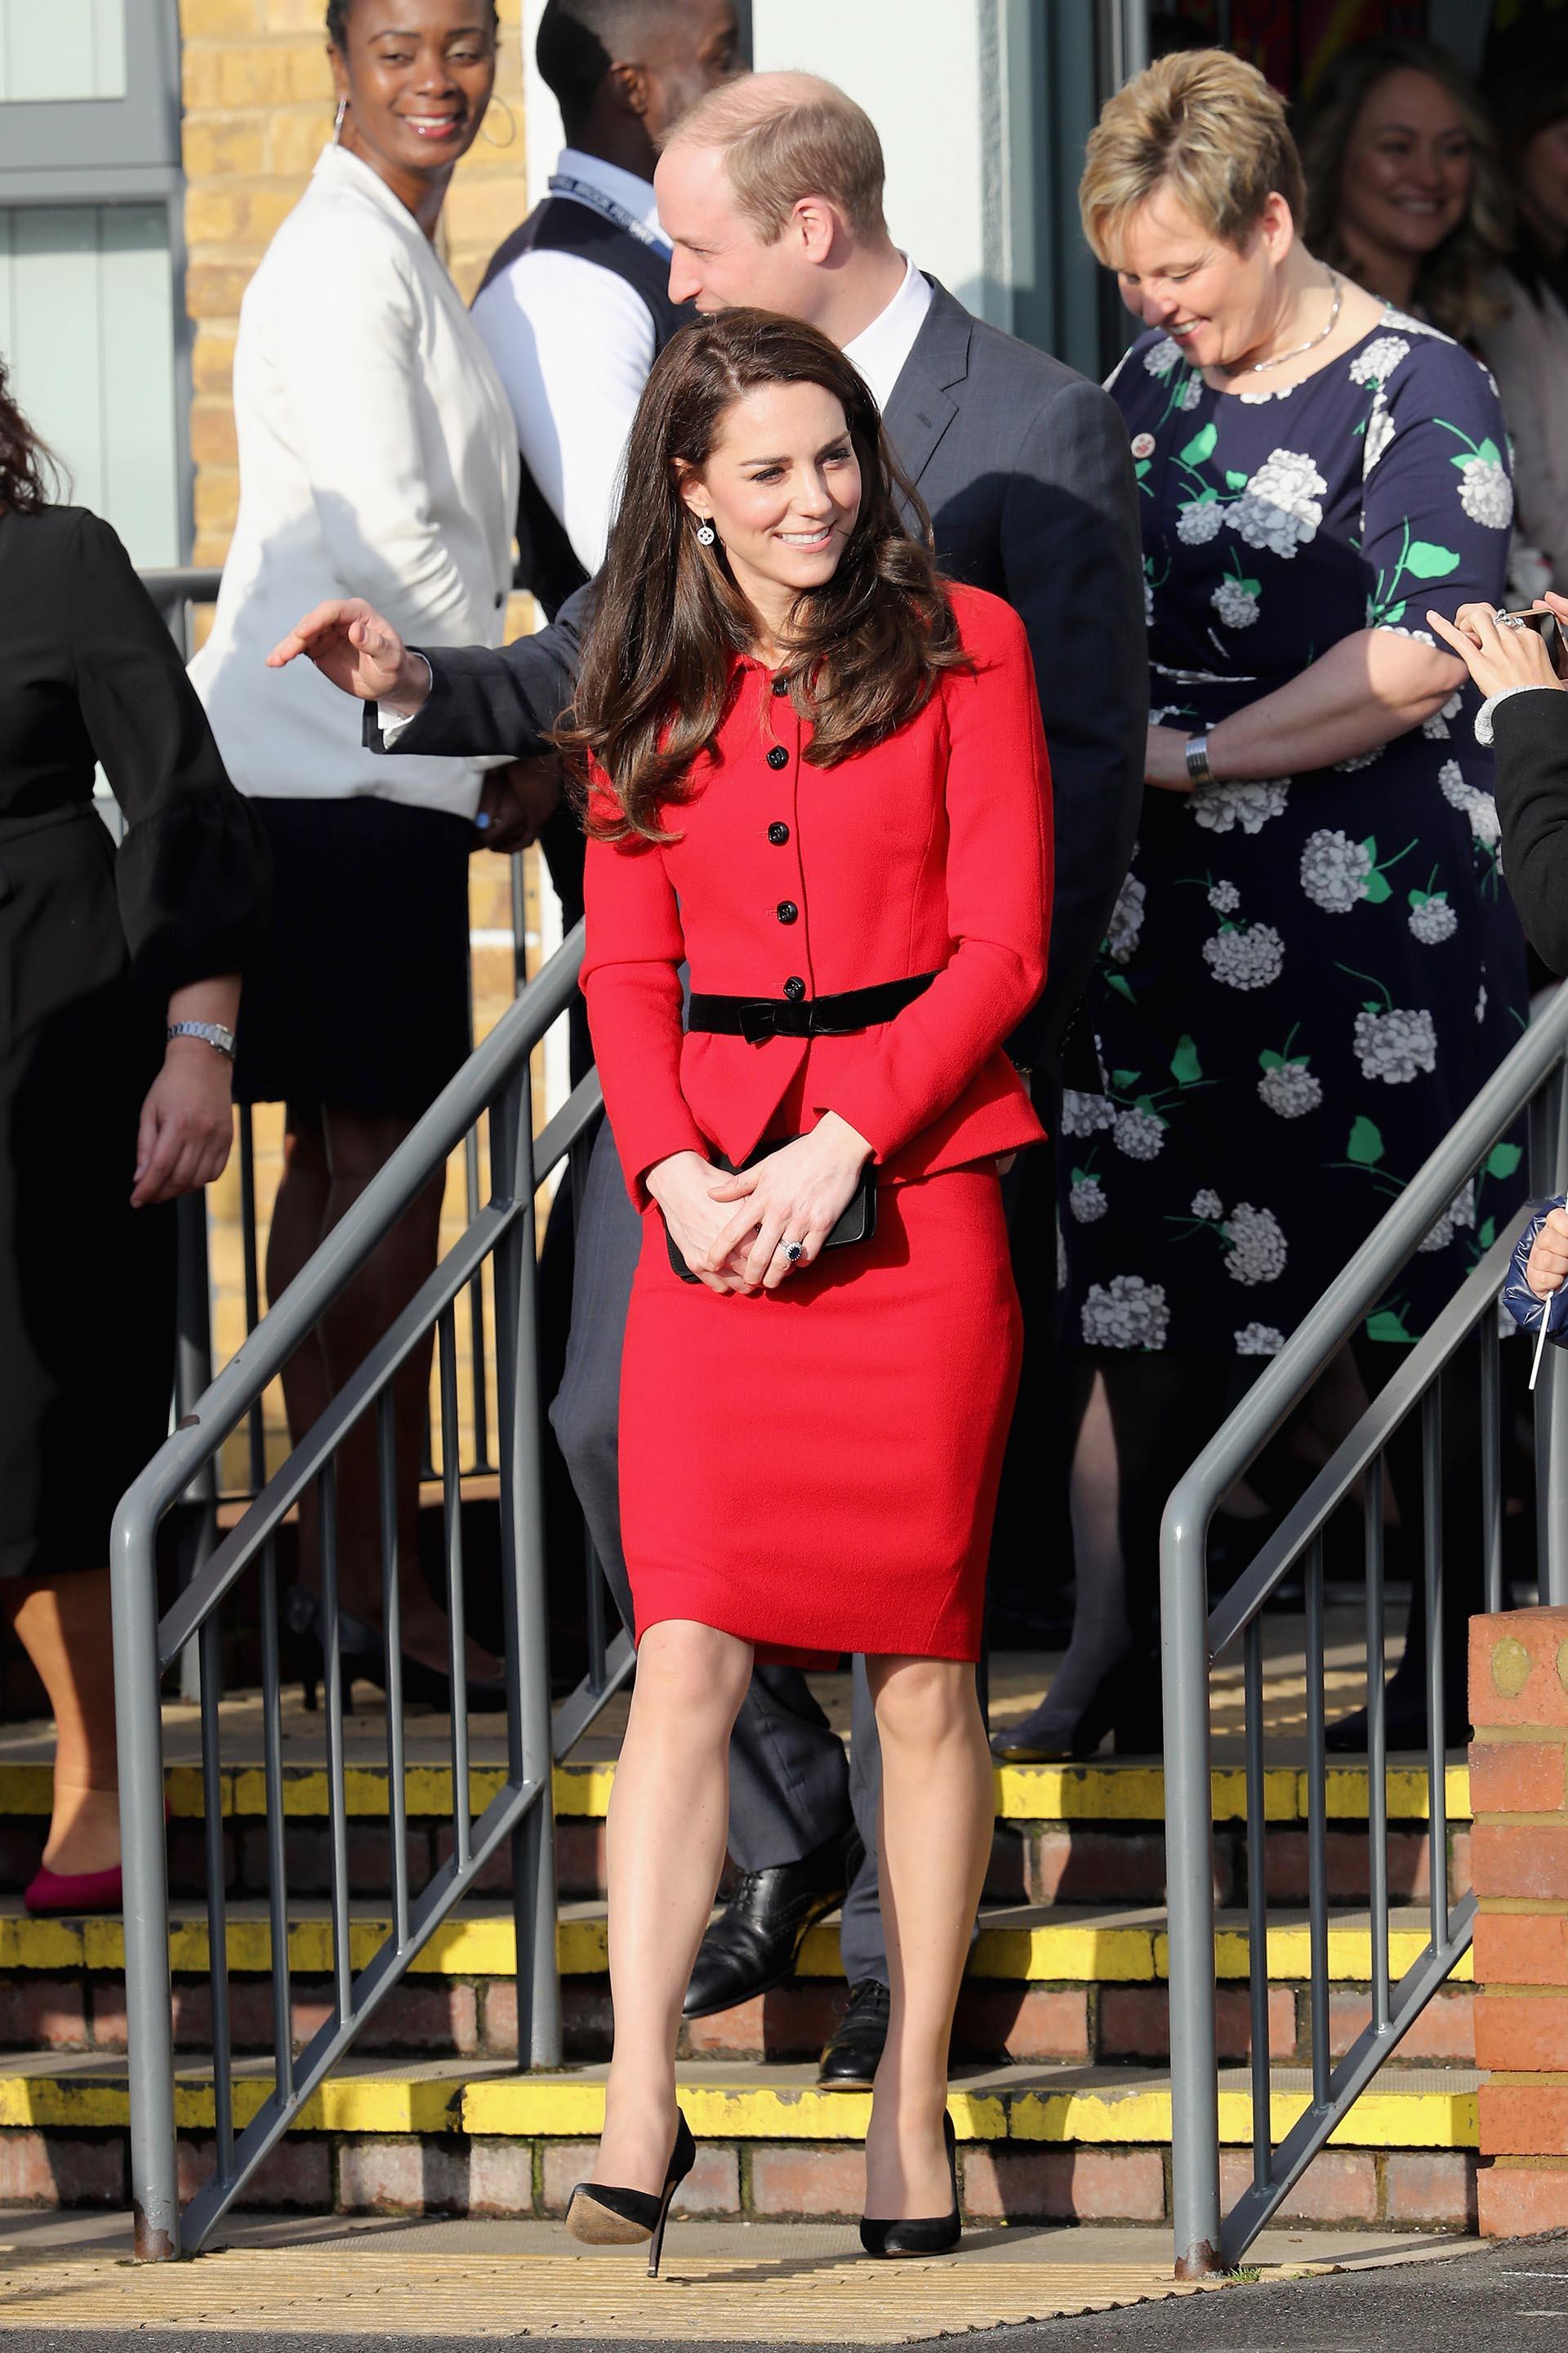 Catalina capturó todas las miradas con un conjunto colorado de dos piezas, con falda a la rodilla y cintura marcada